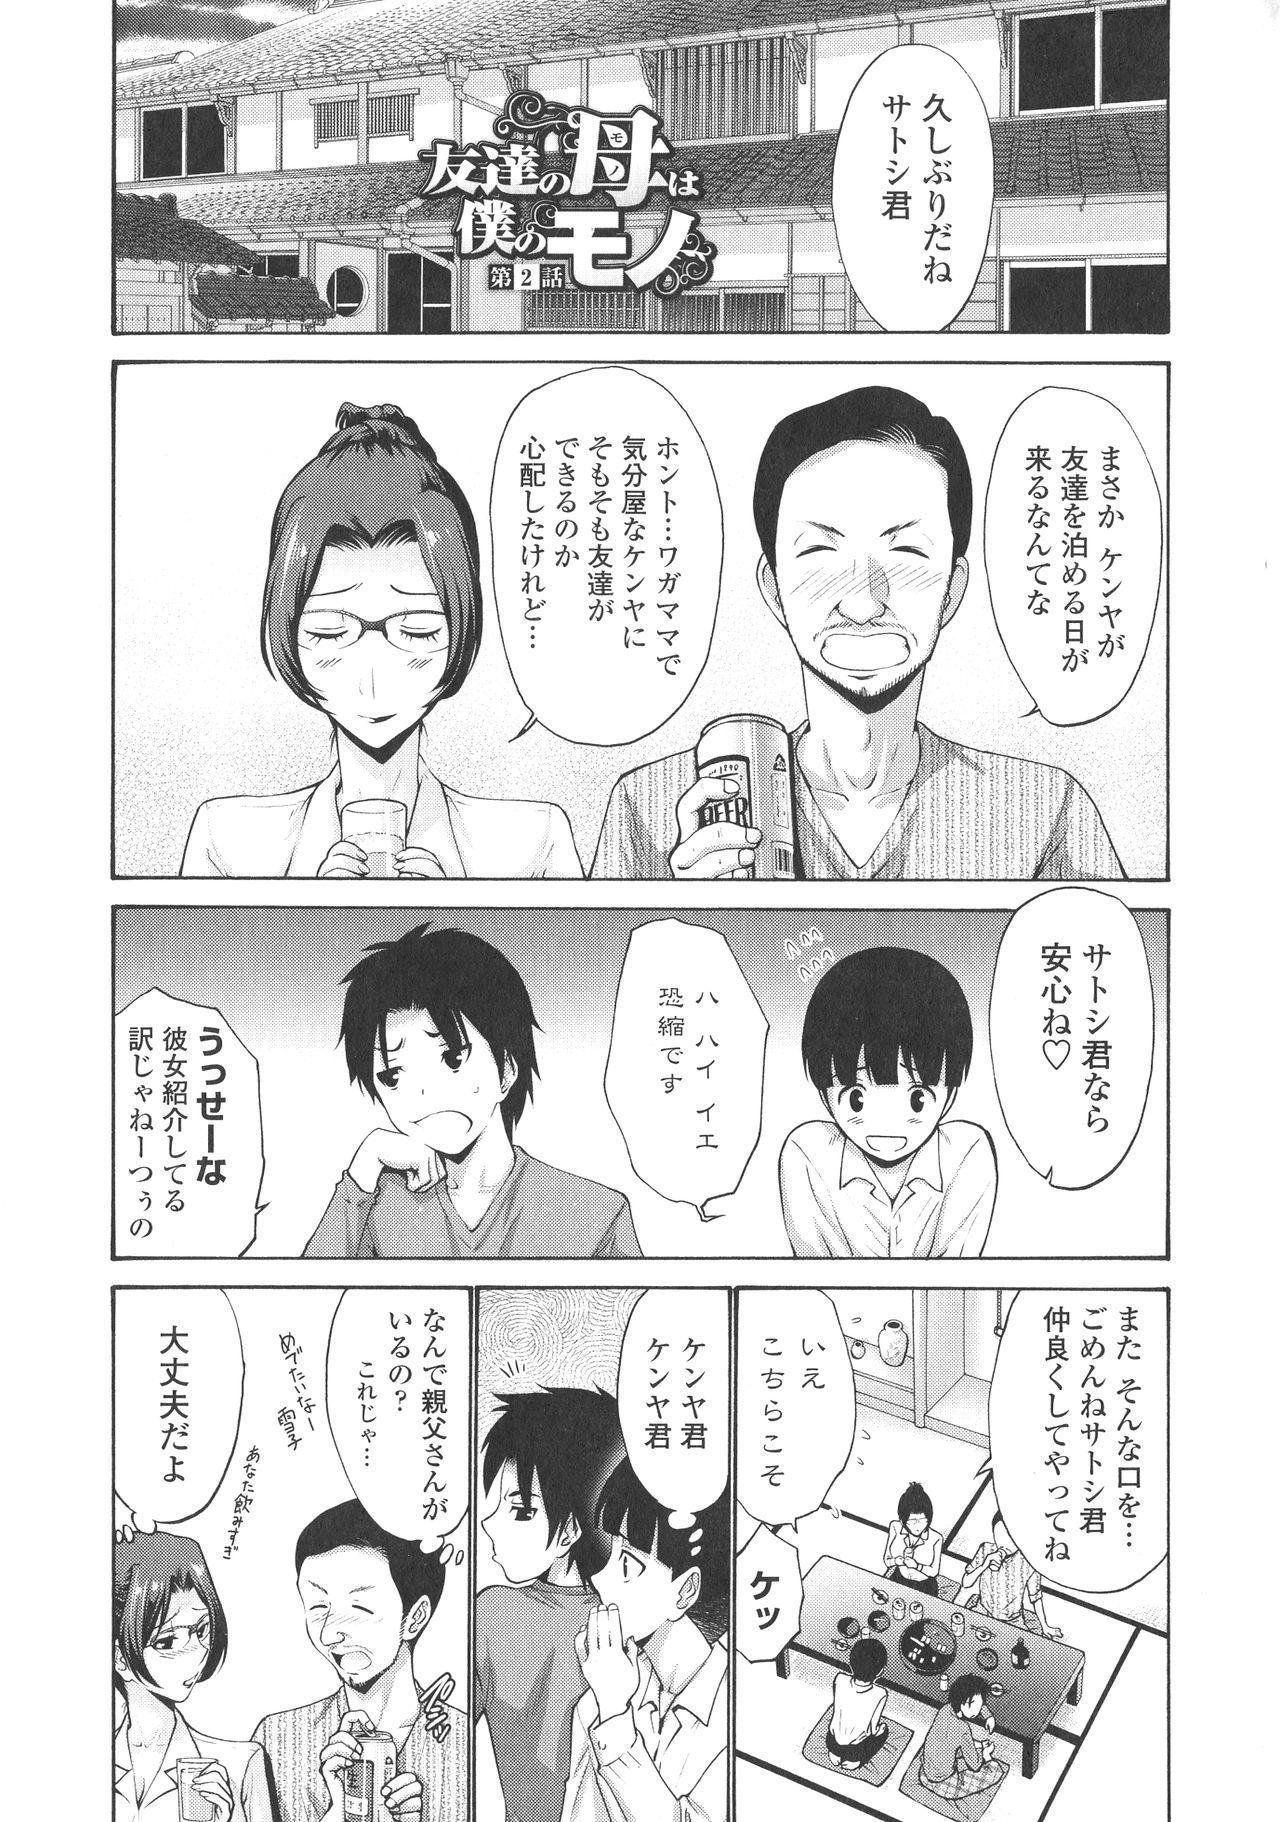 Tomodachi no Haha wa Boku no Mono - His Mother is My Love Hole 28